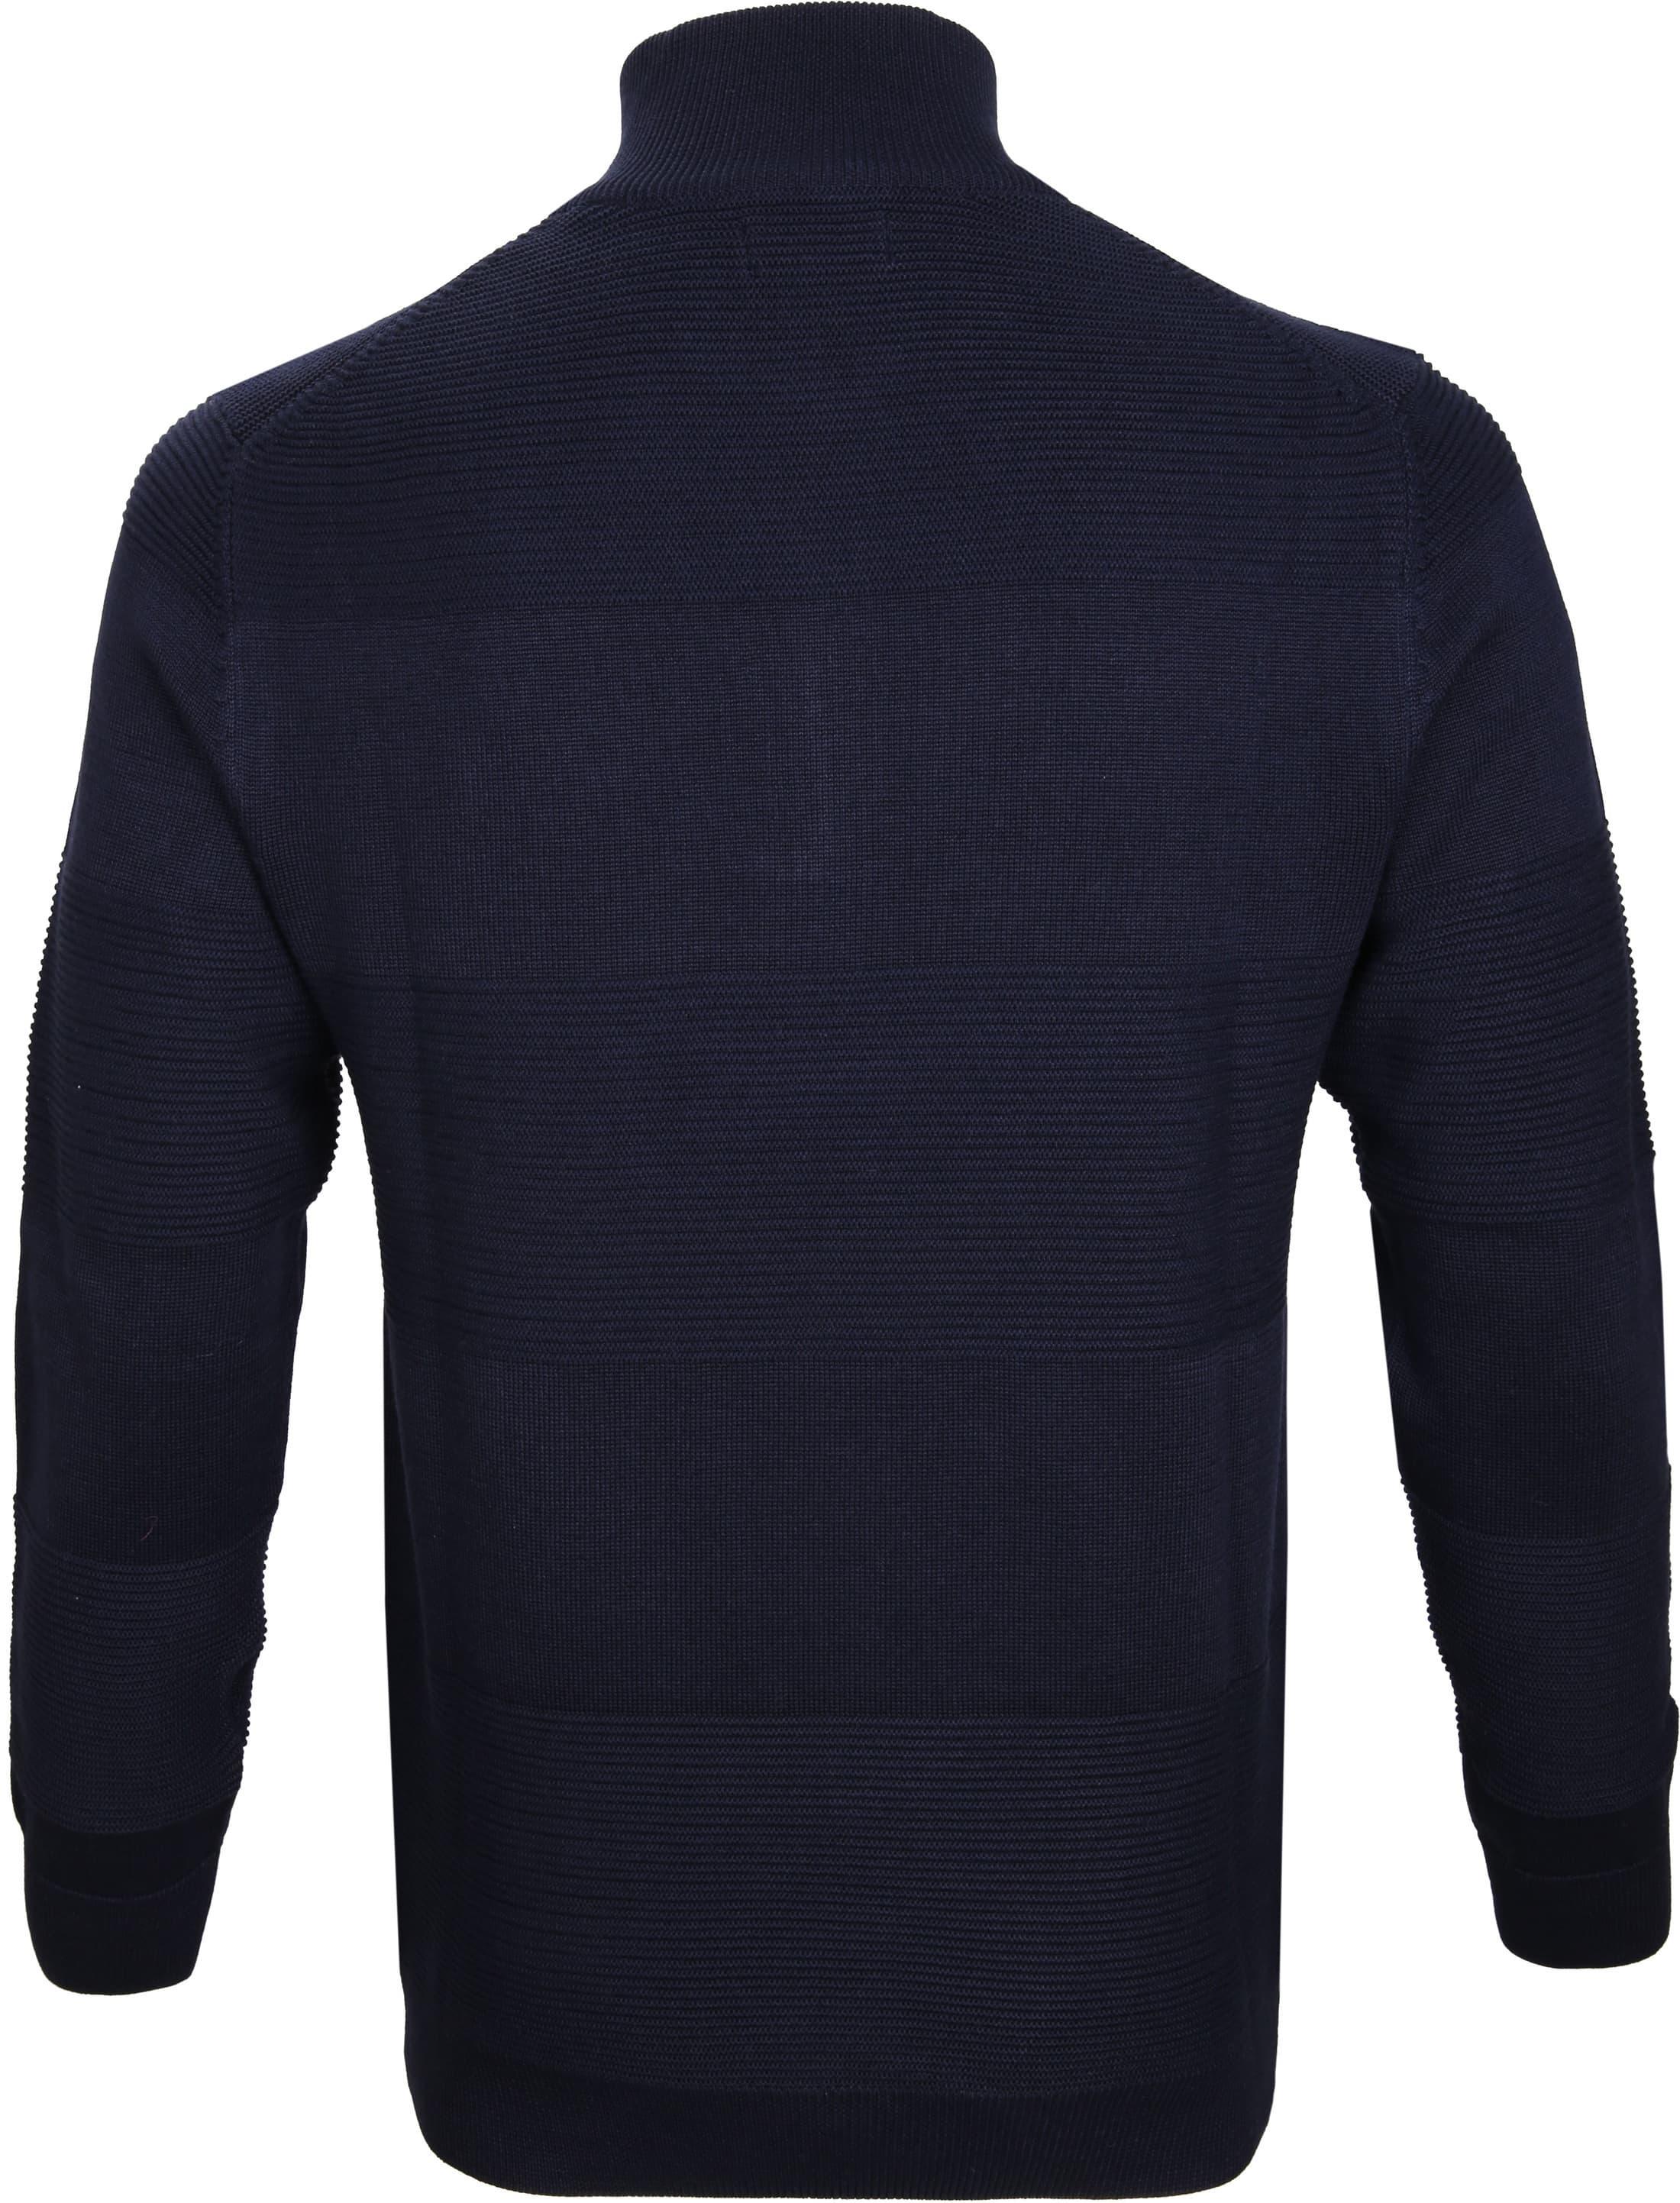 Gant Pullover Zipper Dessin Navy foto 3